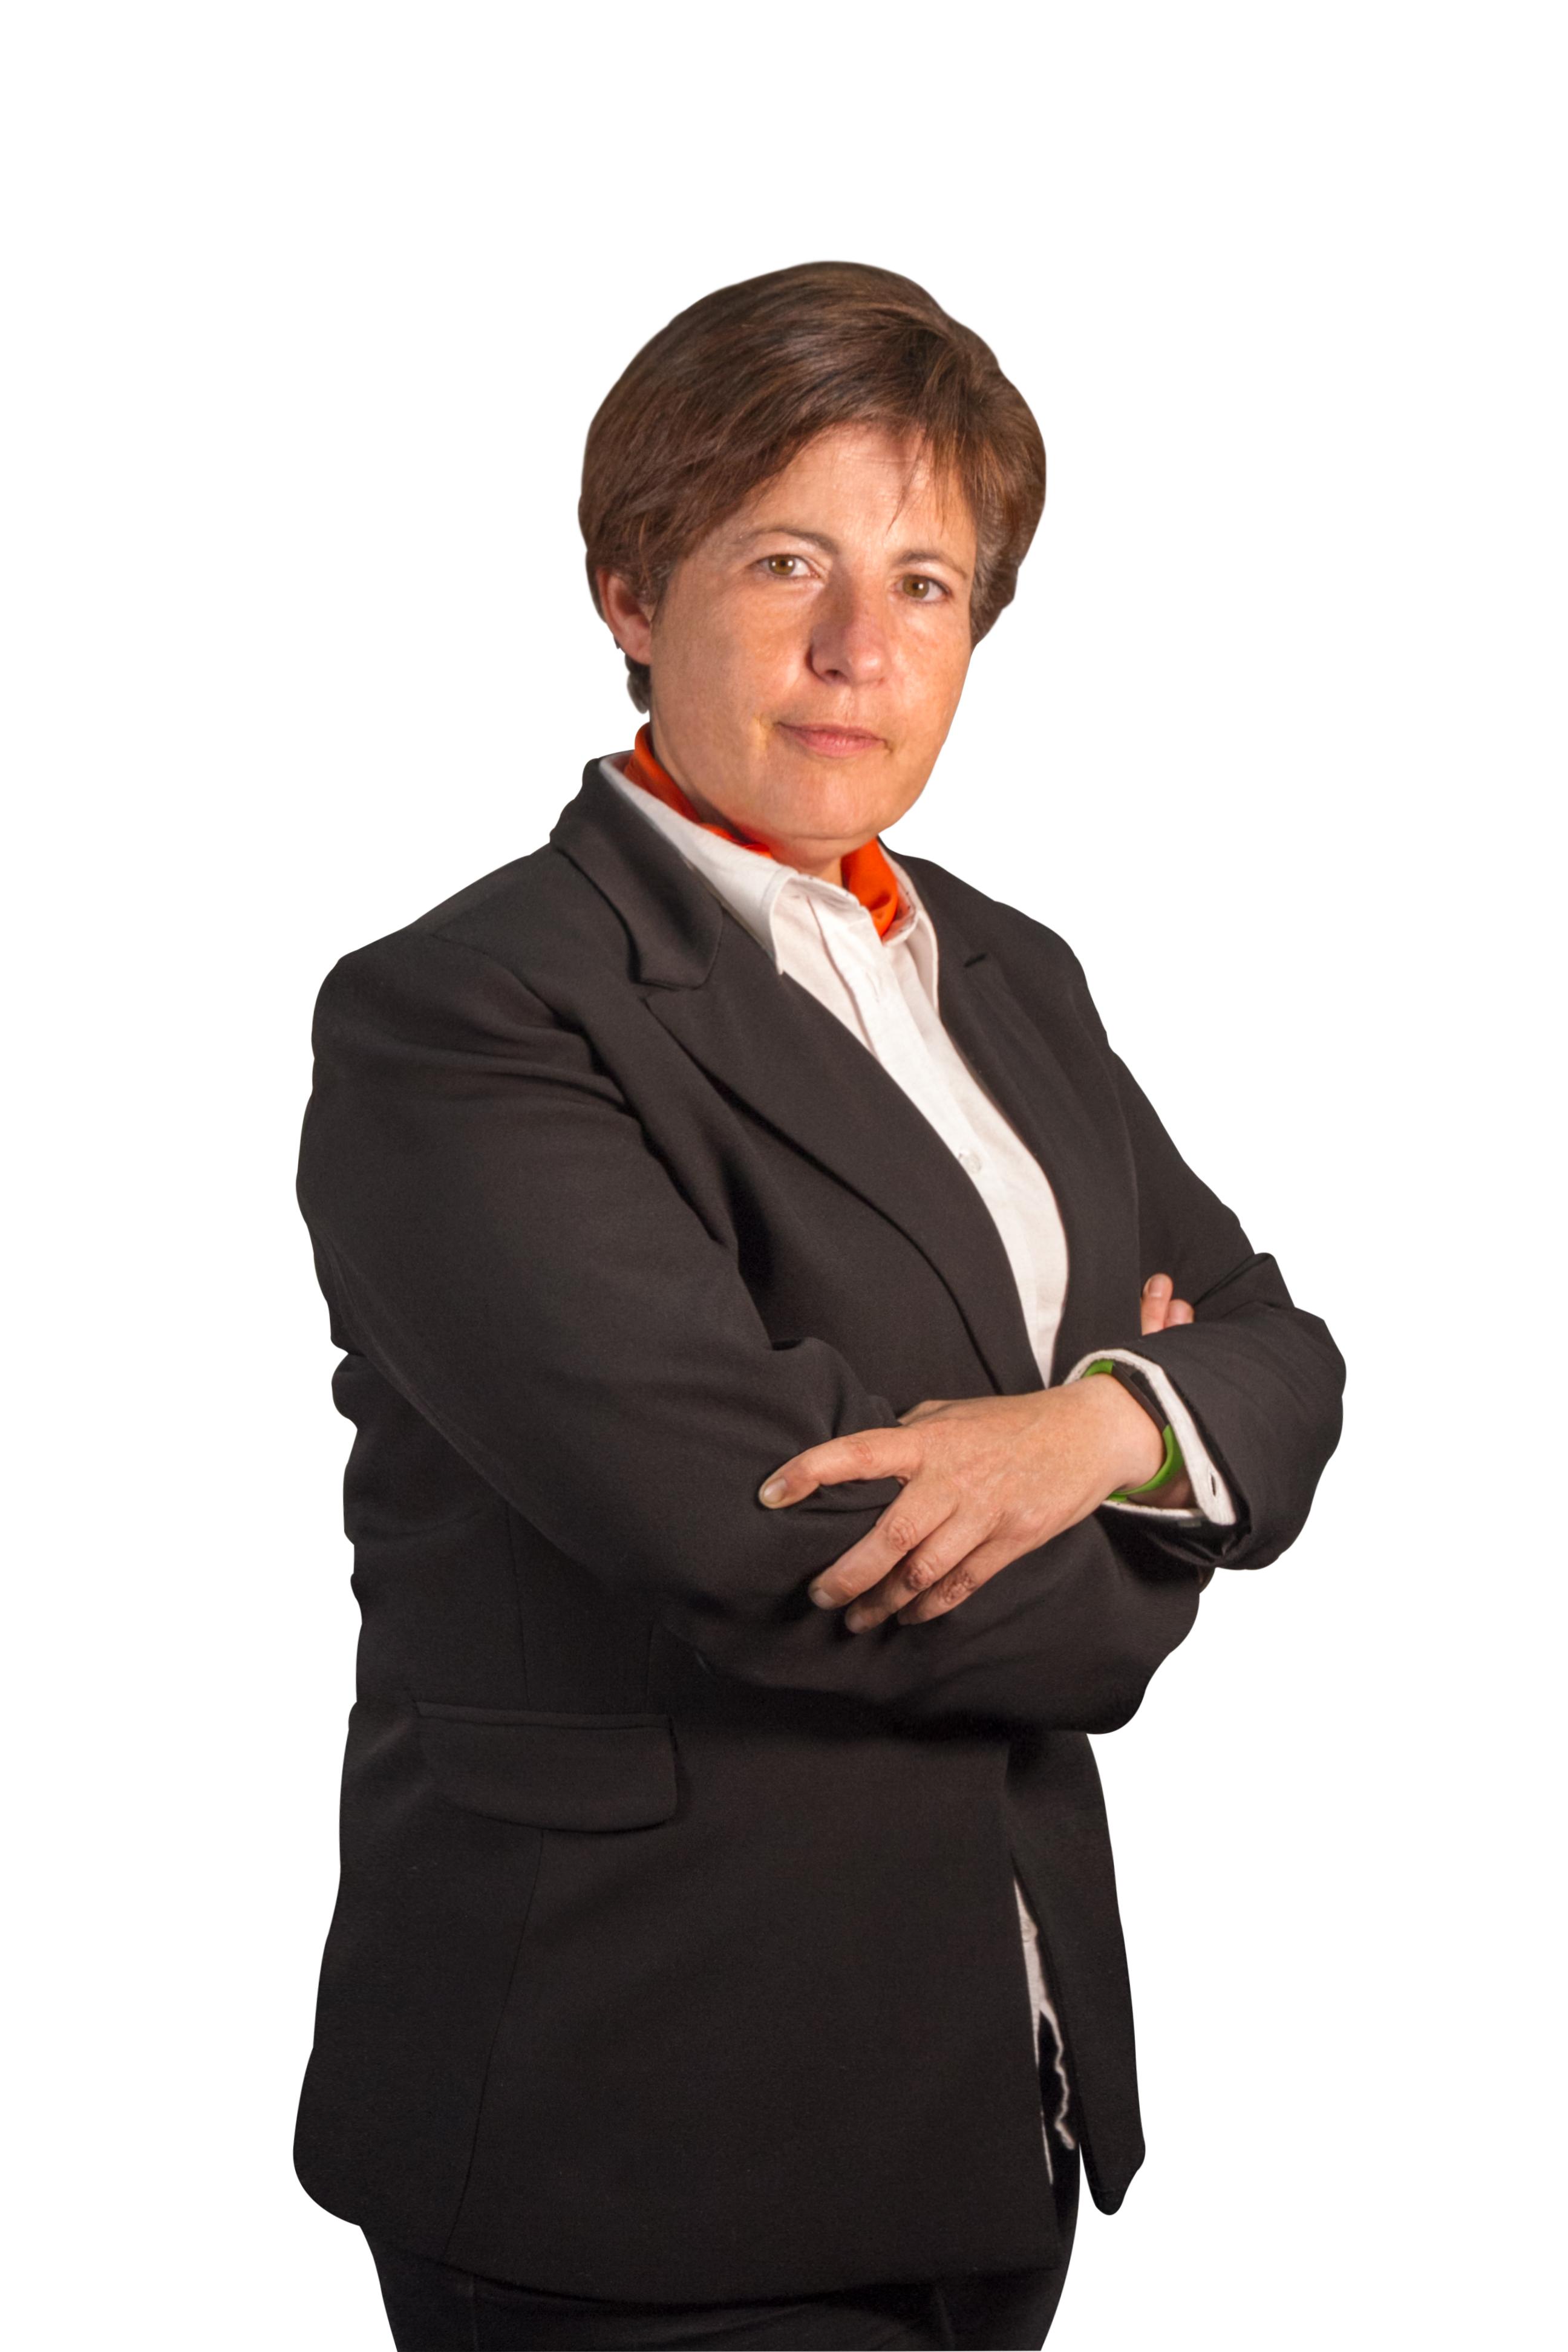 Mayte Narvaez